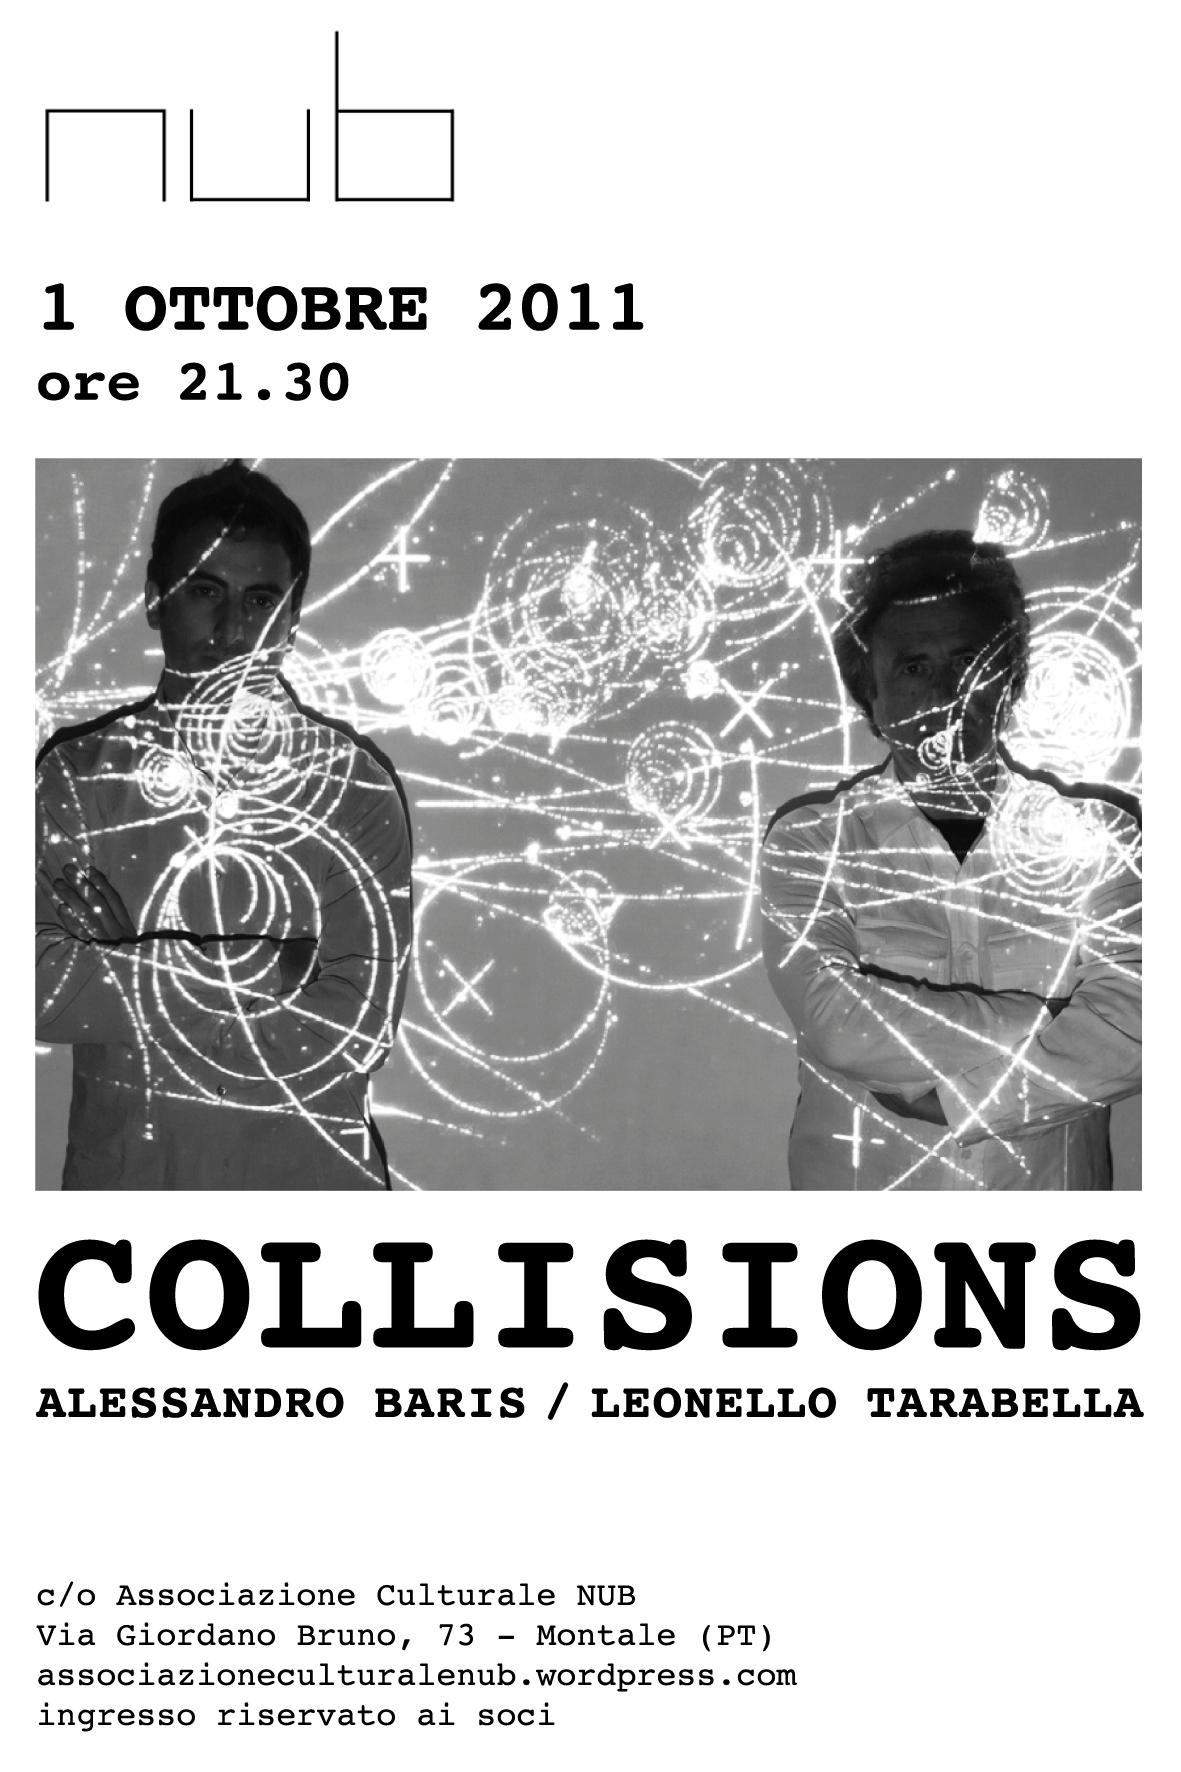 COLLISIONS _ ALESSANDRO BARIS & LEONELLO TARABELLA | 01.10.2011